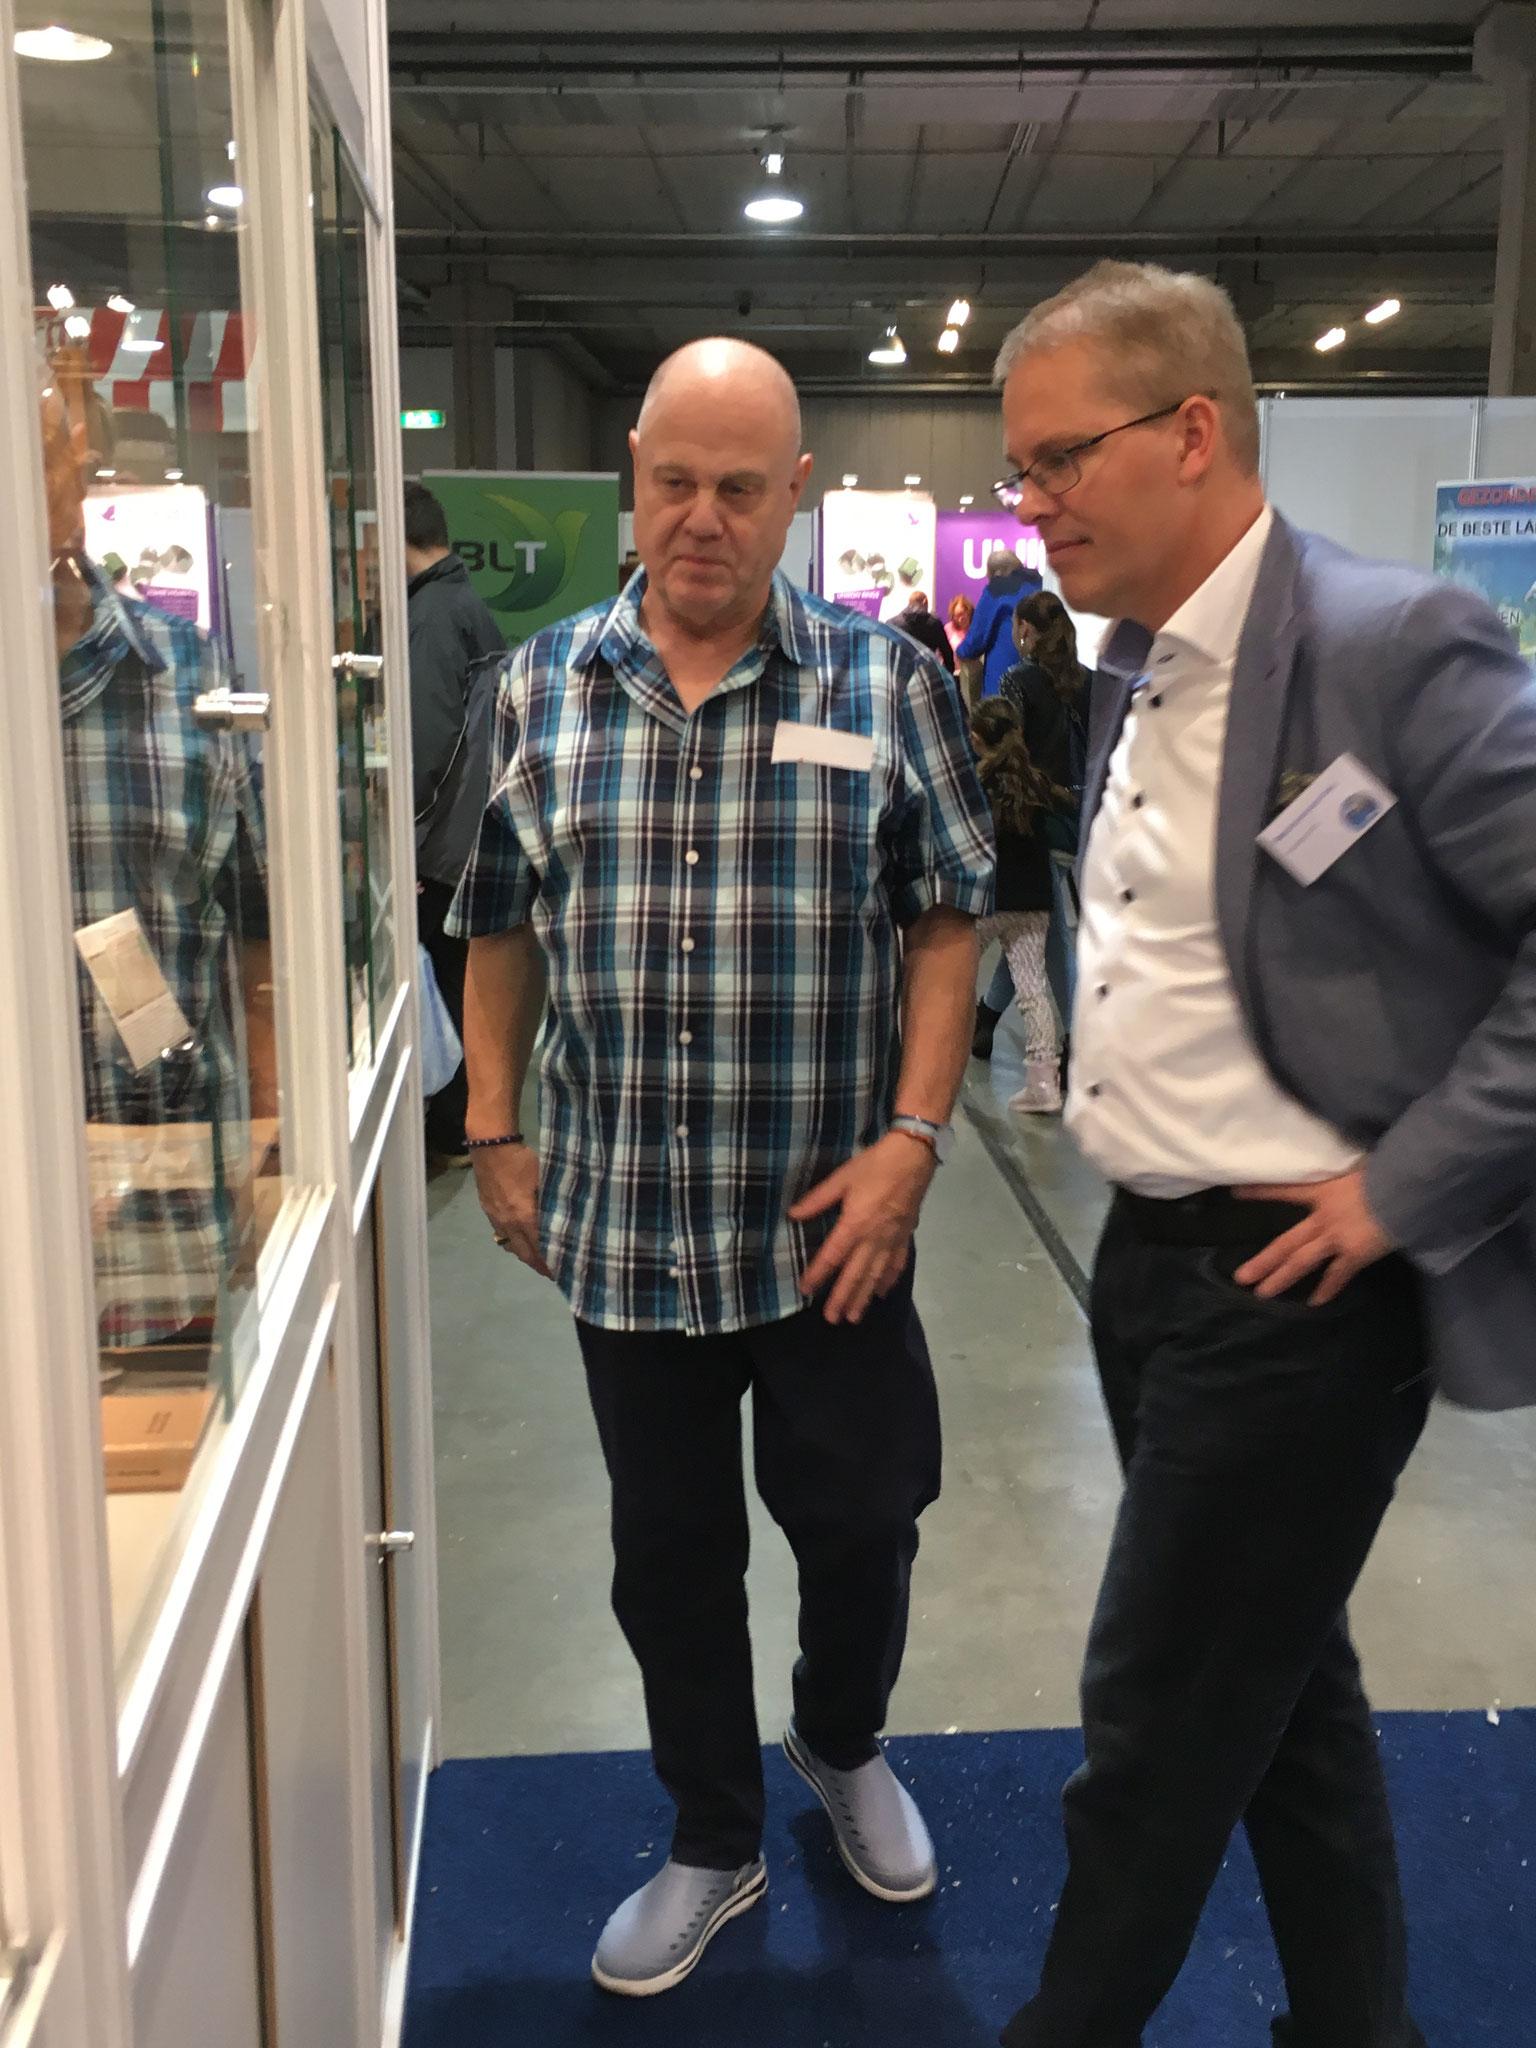 Der Präsident des holländischen Brieftaubenverbandes lässt sich die Exponate von Harald Klusak zeigen und erklären.